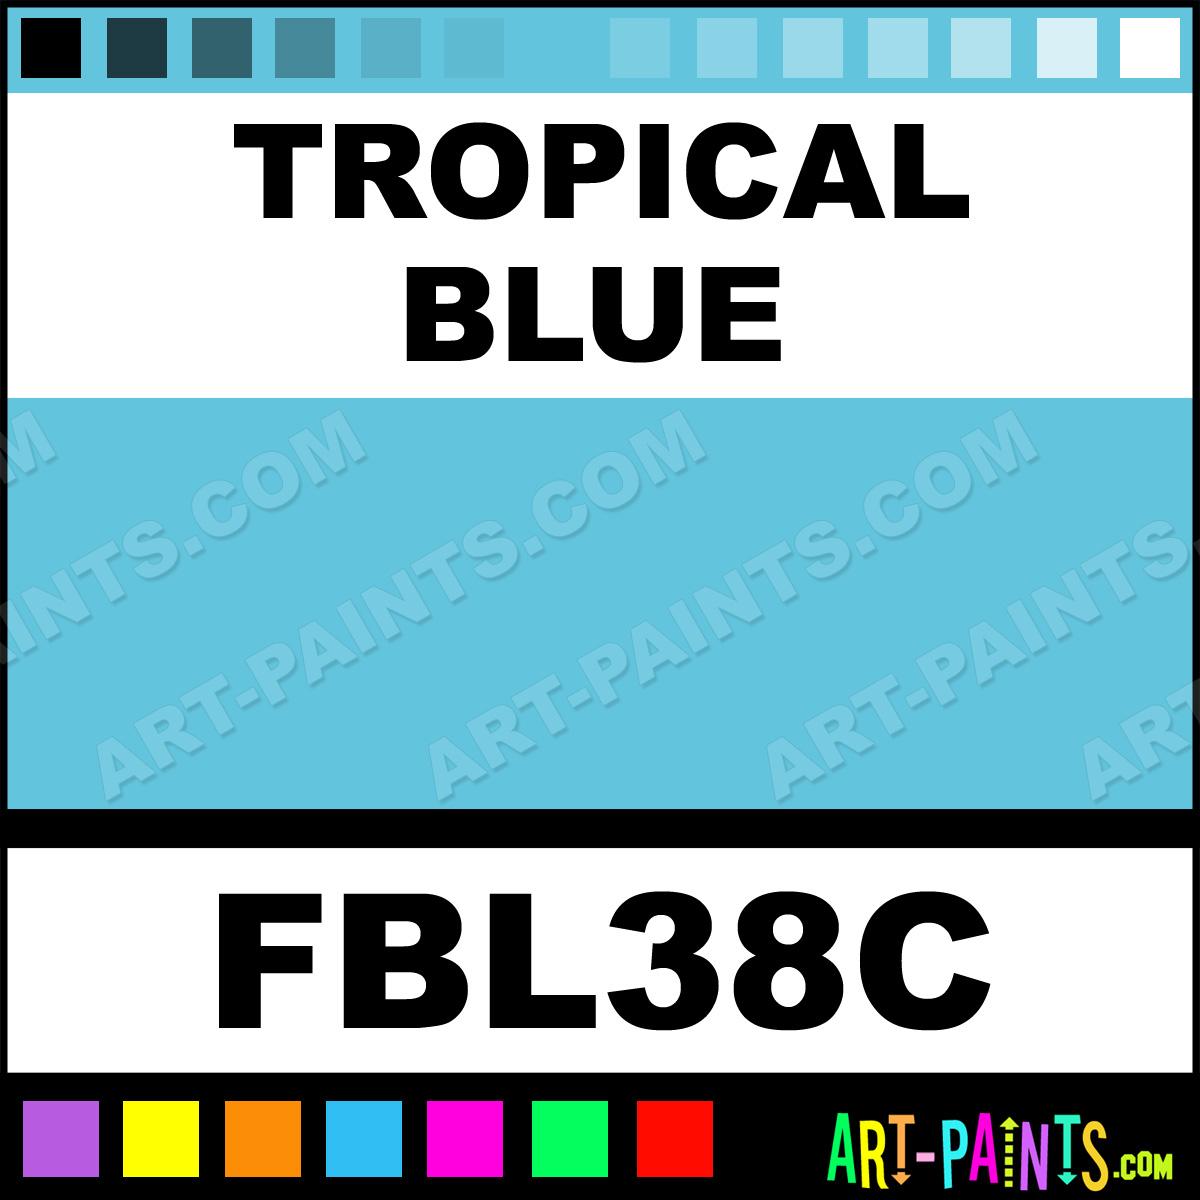 Tropical blue fashion beadz fabric textile paints fbl38c for Tropical paint colors